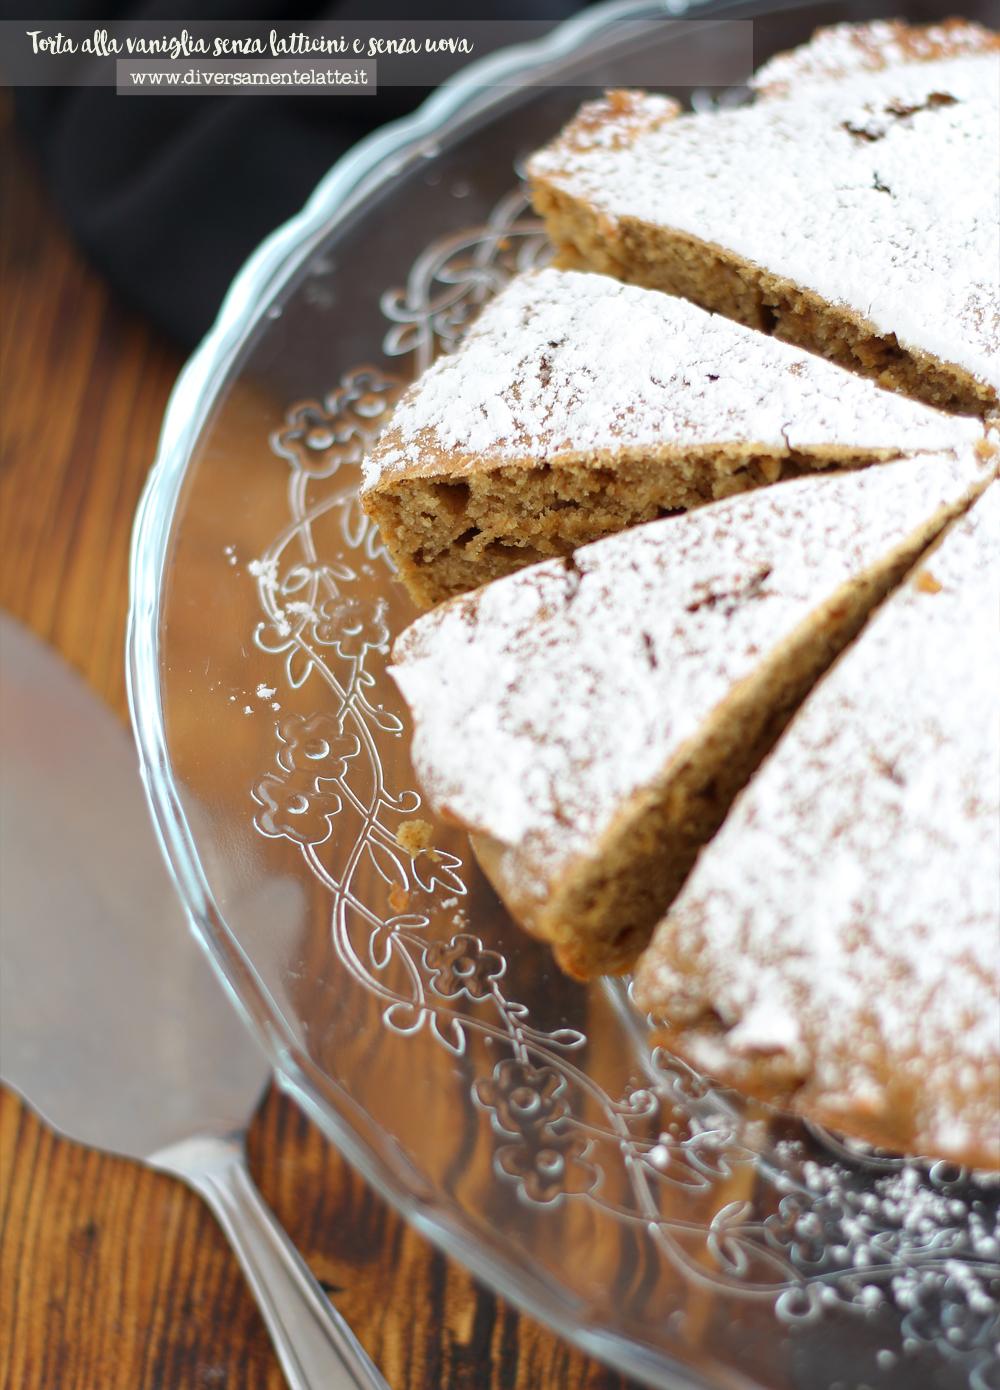 torta alla vaniglia senza latticini senza uova